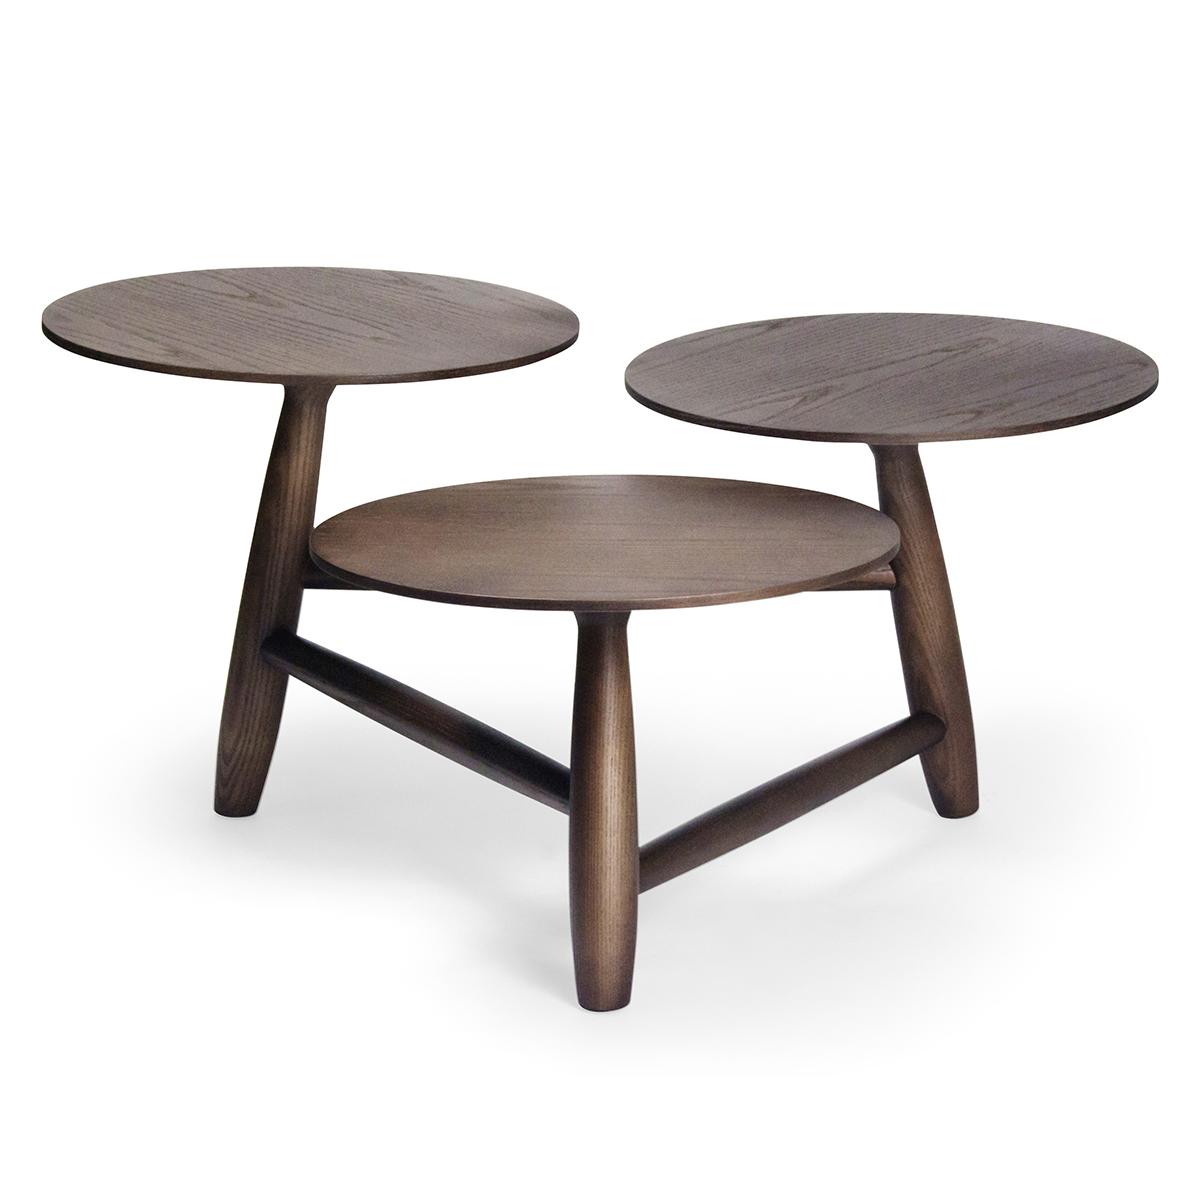 Sean Dix Coffee Table